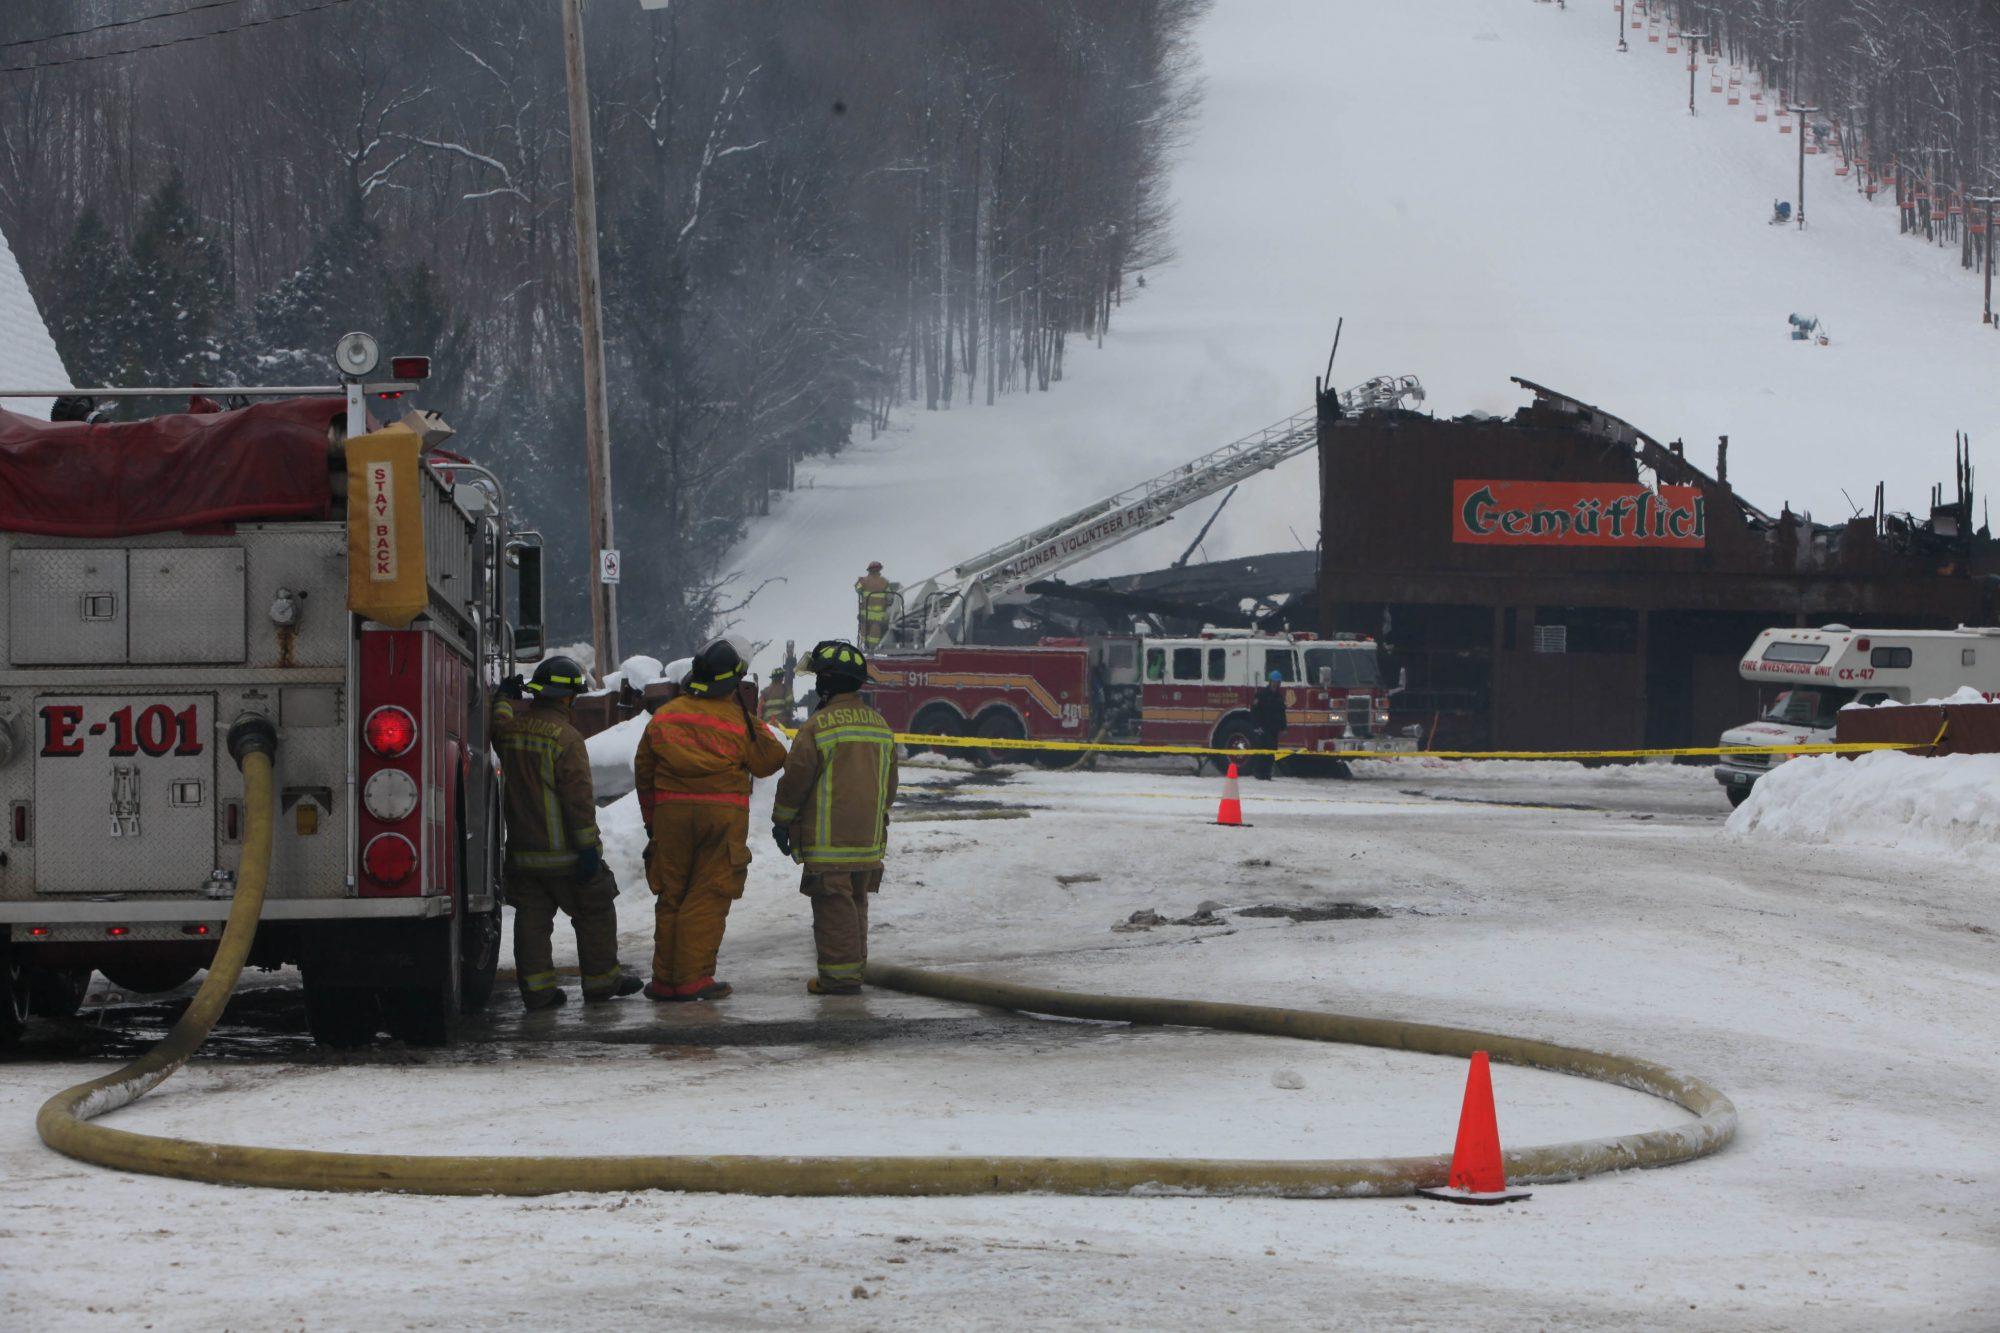 after devastating fire, cockaigne resort returns with broader